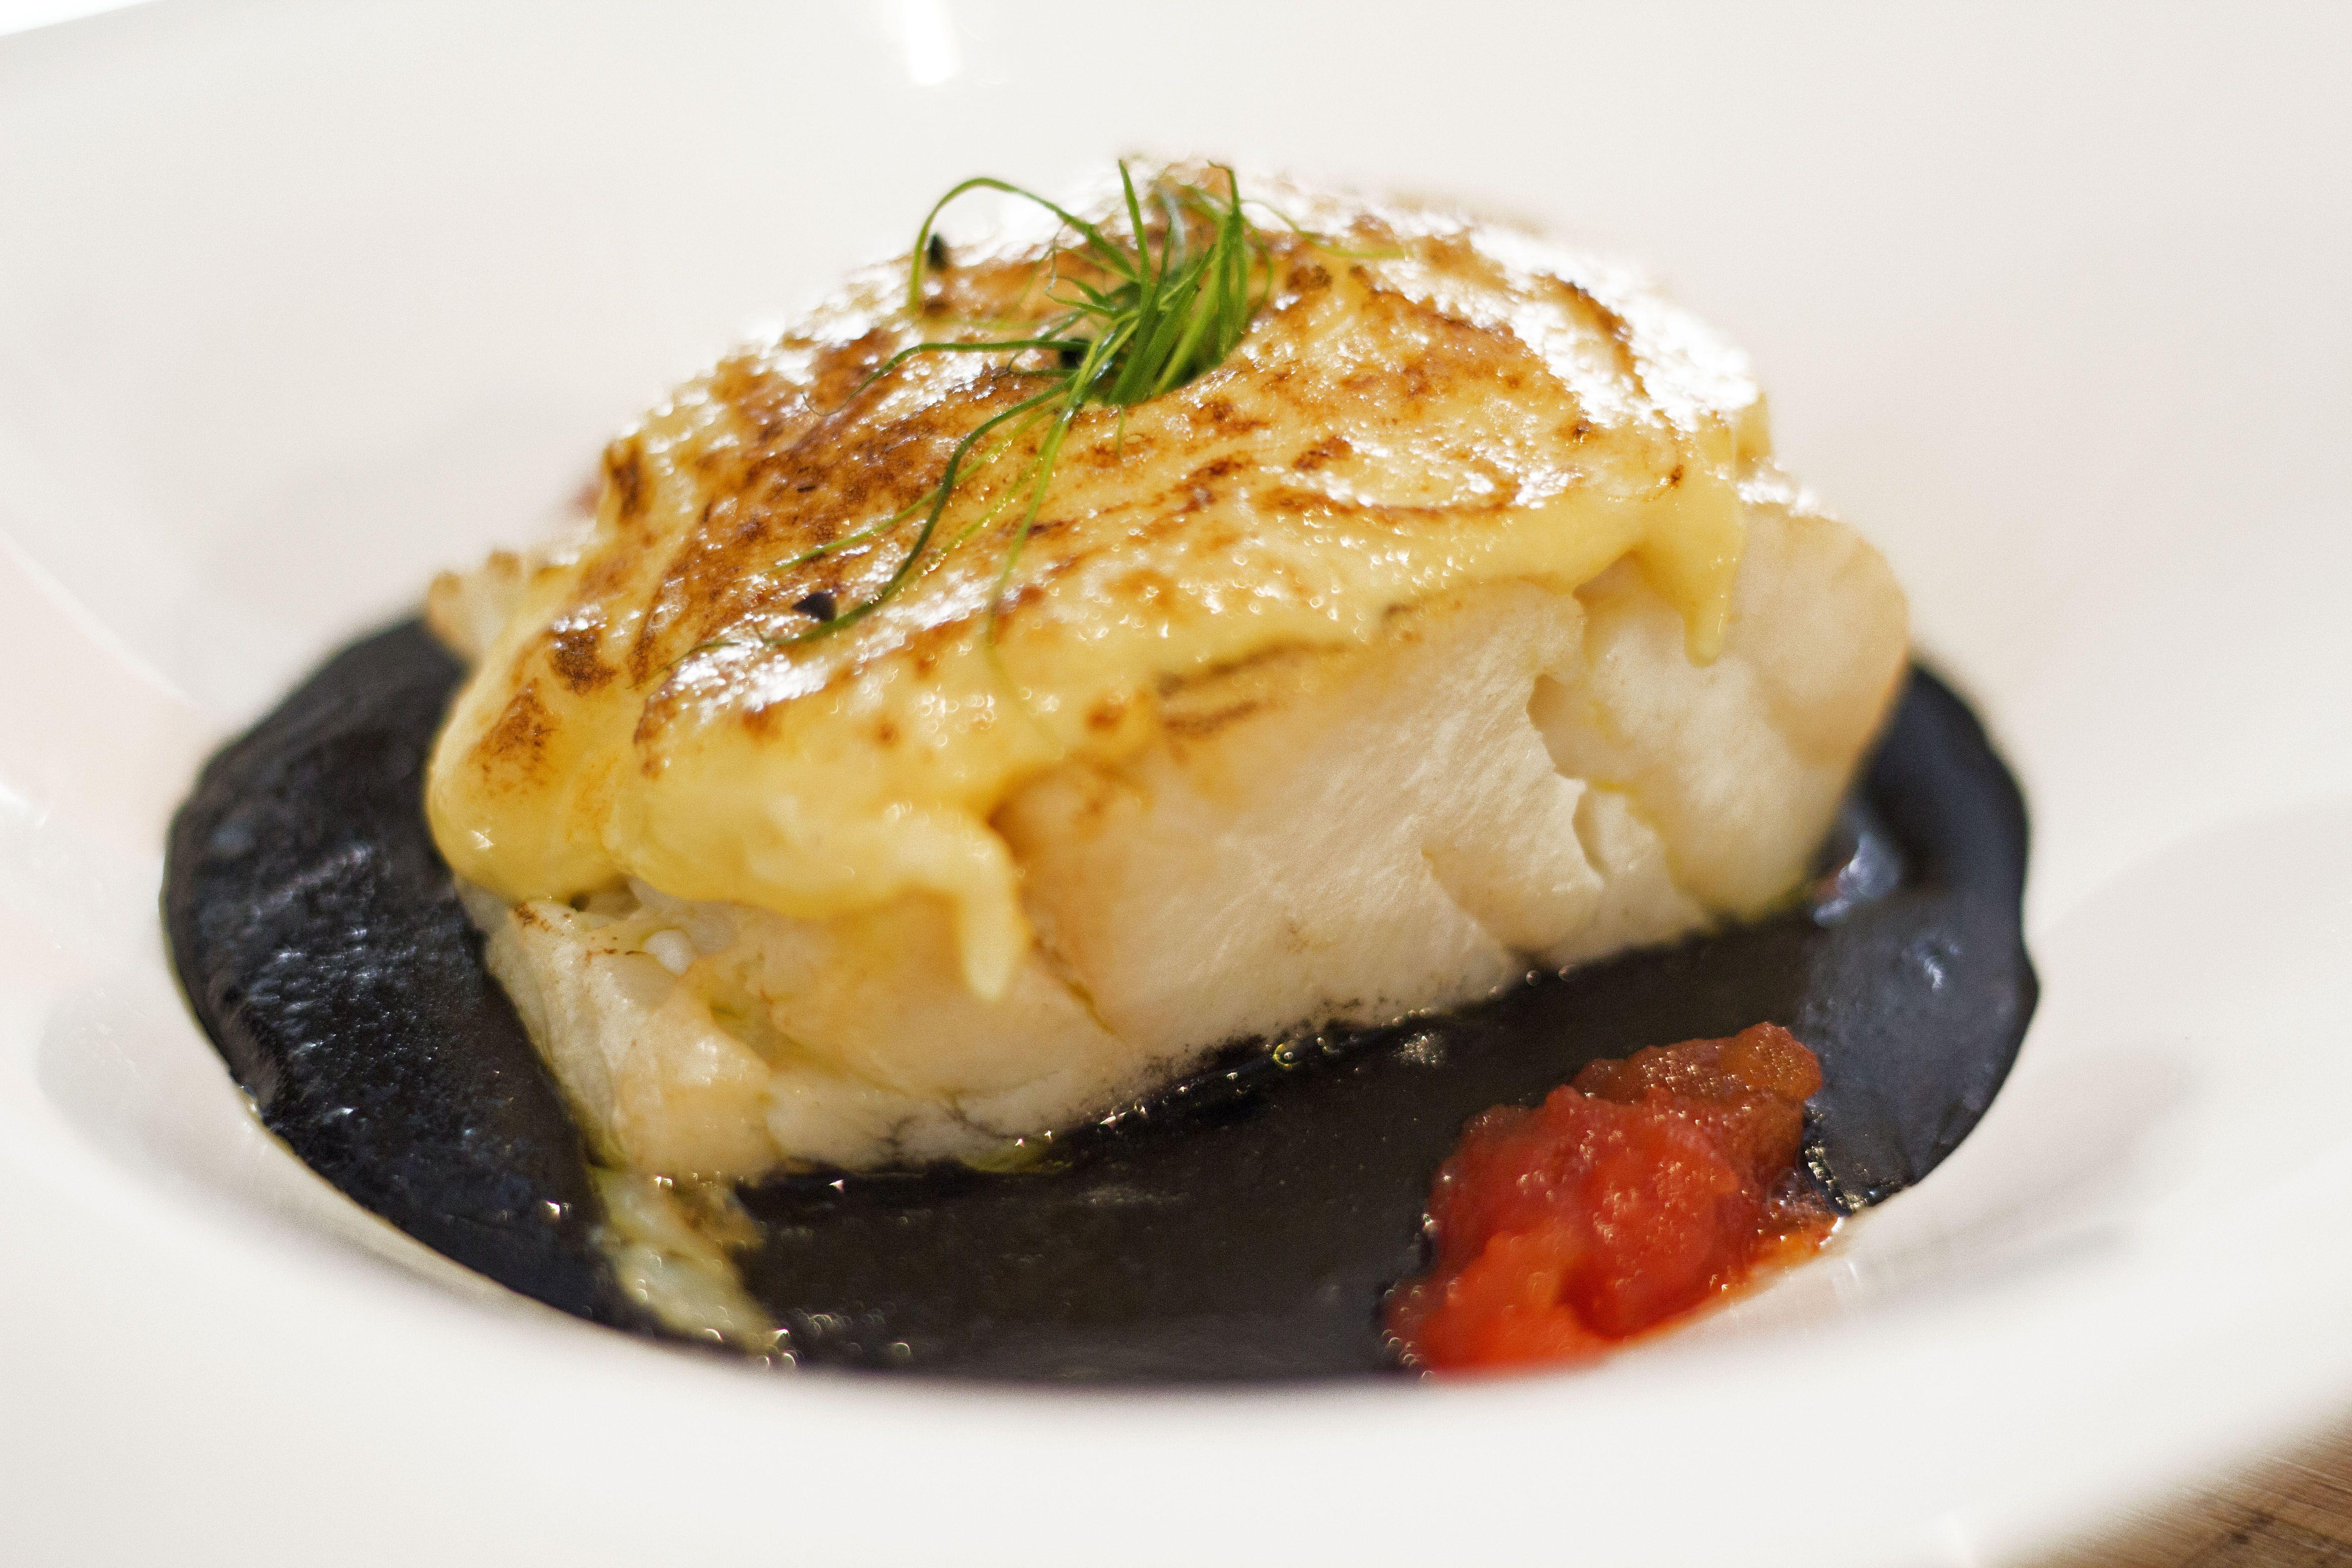 Bacalao con rebuchón de patata negra, pil pil gratinado y tomate confitado en Mr Frank Madrid